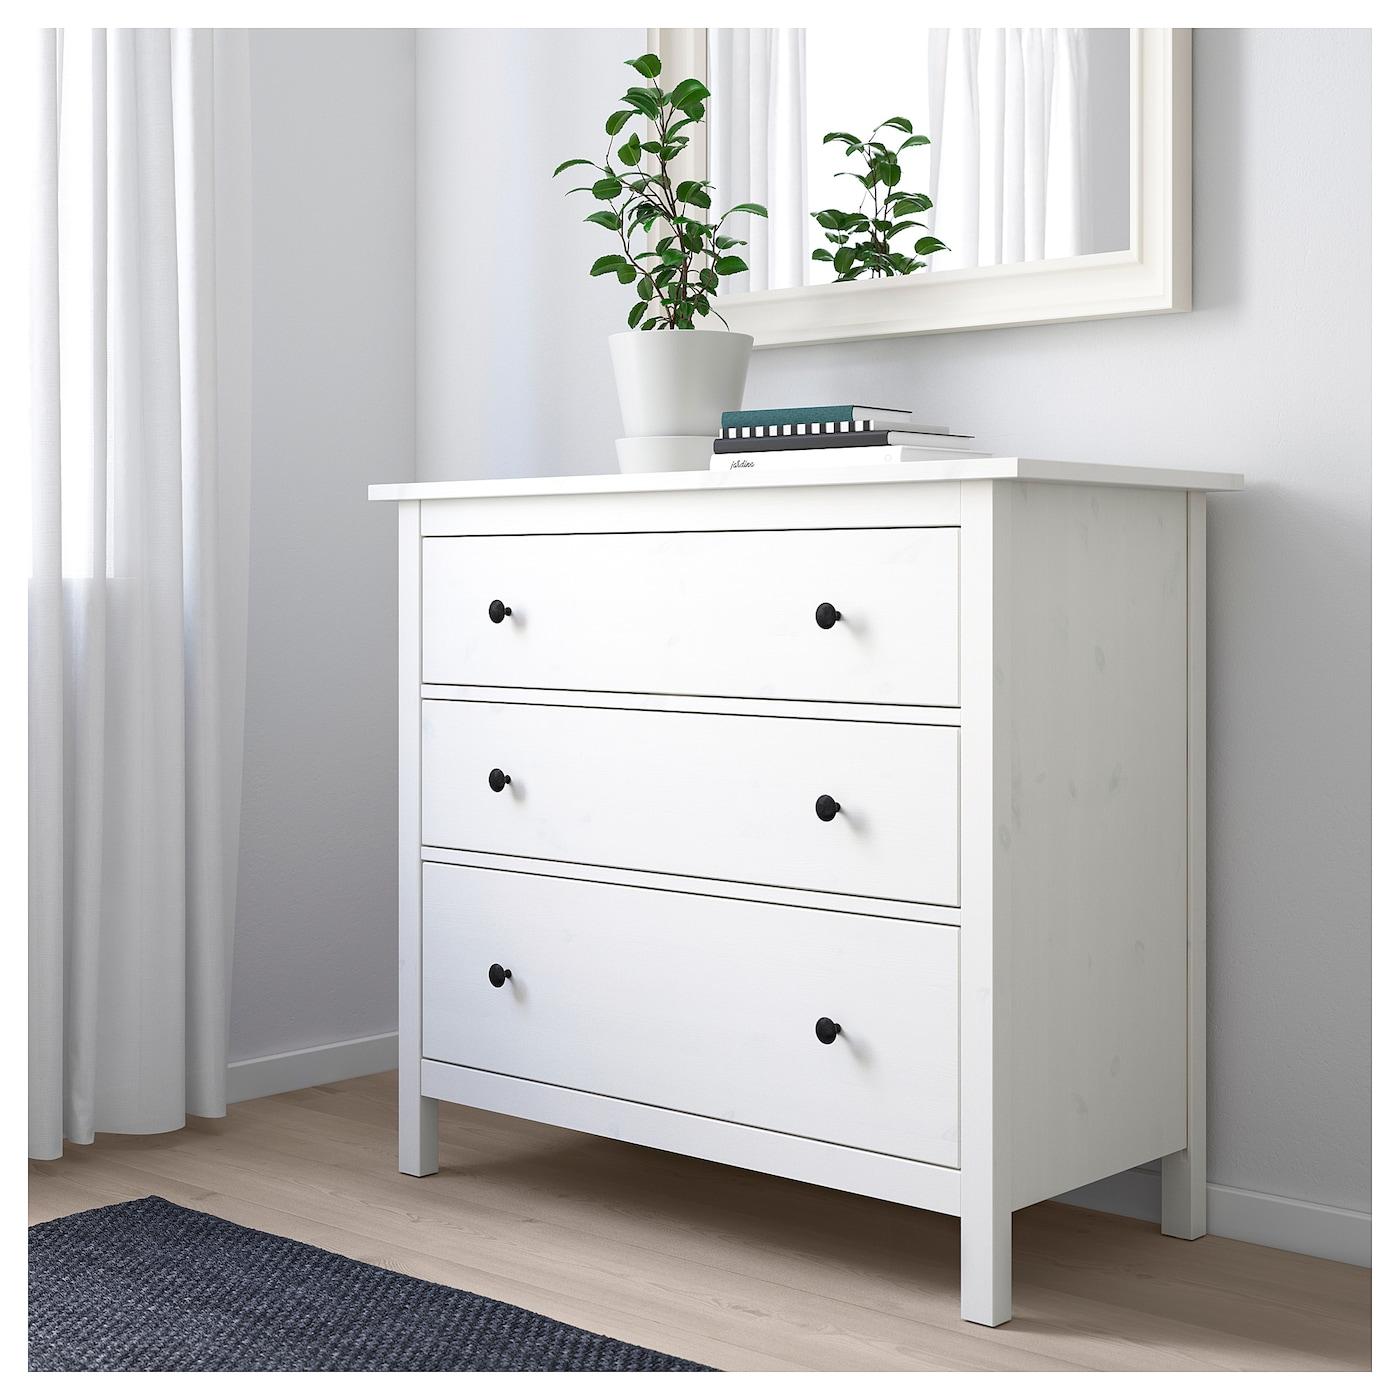 Hemnes c moda de 3 cajones tinte blanco 108 x 96 cm ikea - Comoda hemnes ikea ...